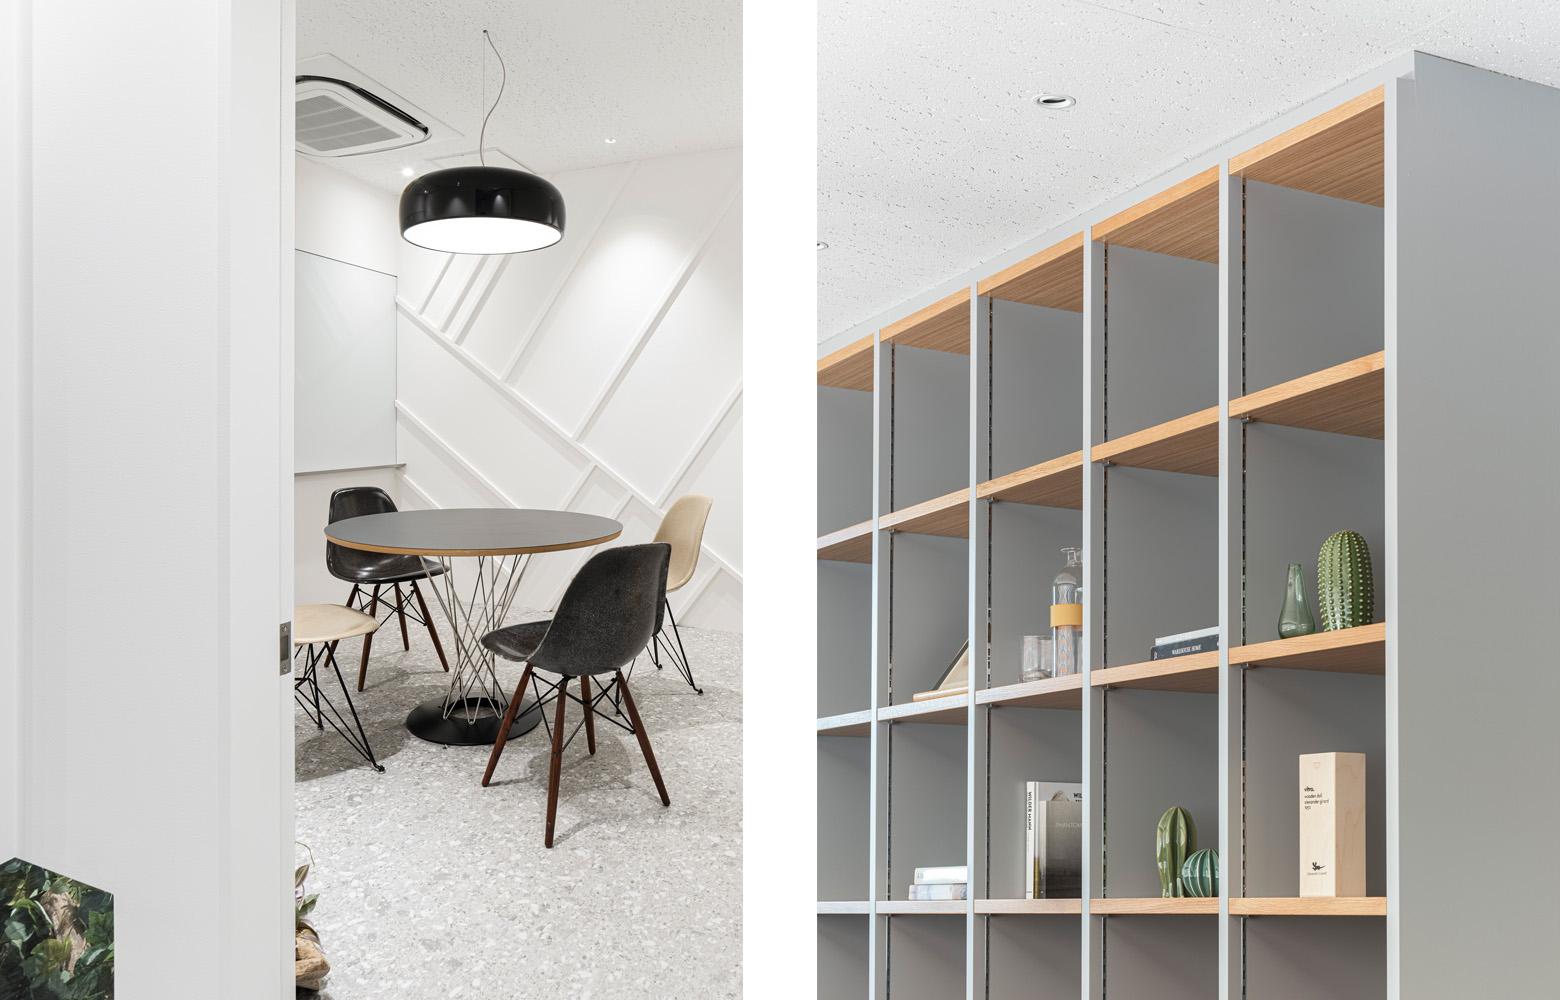 株式会社プライマルヴェニュー Meeting Room & Display デザイン・レイアウト事例